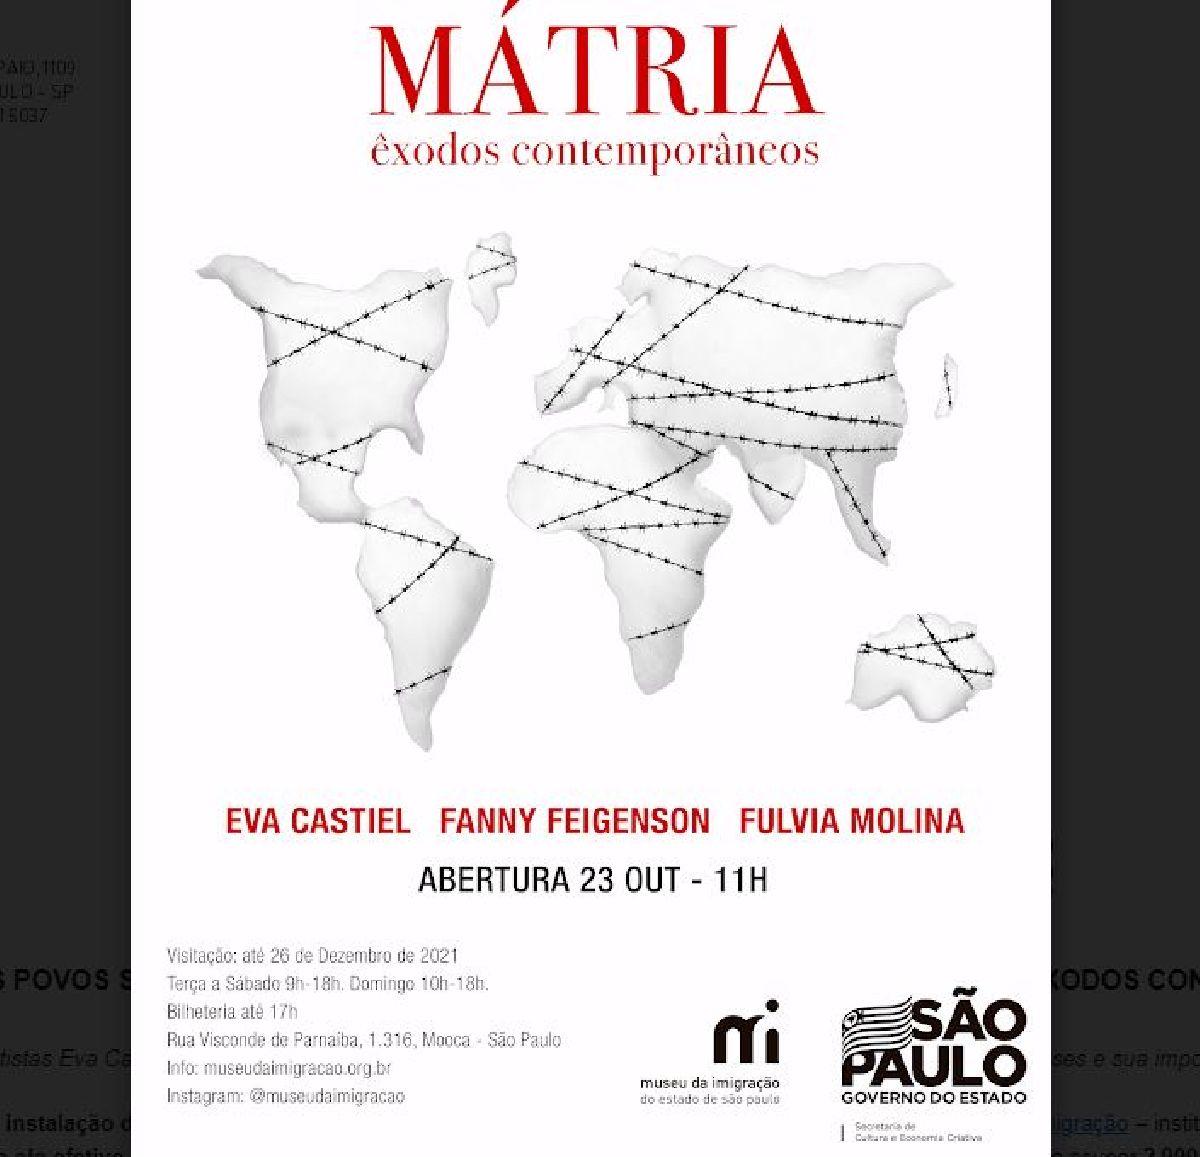 """CANTIGAS DE NINAR DE VÁRIOS POVOS SÃO MOSTRADAS ATRAVÉS DA EXPERIÊNCIA IMERSIVA  """"MÁTRIA - ÊXODOS CONTEMPORÂNEOS"""", NO MUSEU DA IMIGRAÇÃO DE SÃO PAULO"""